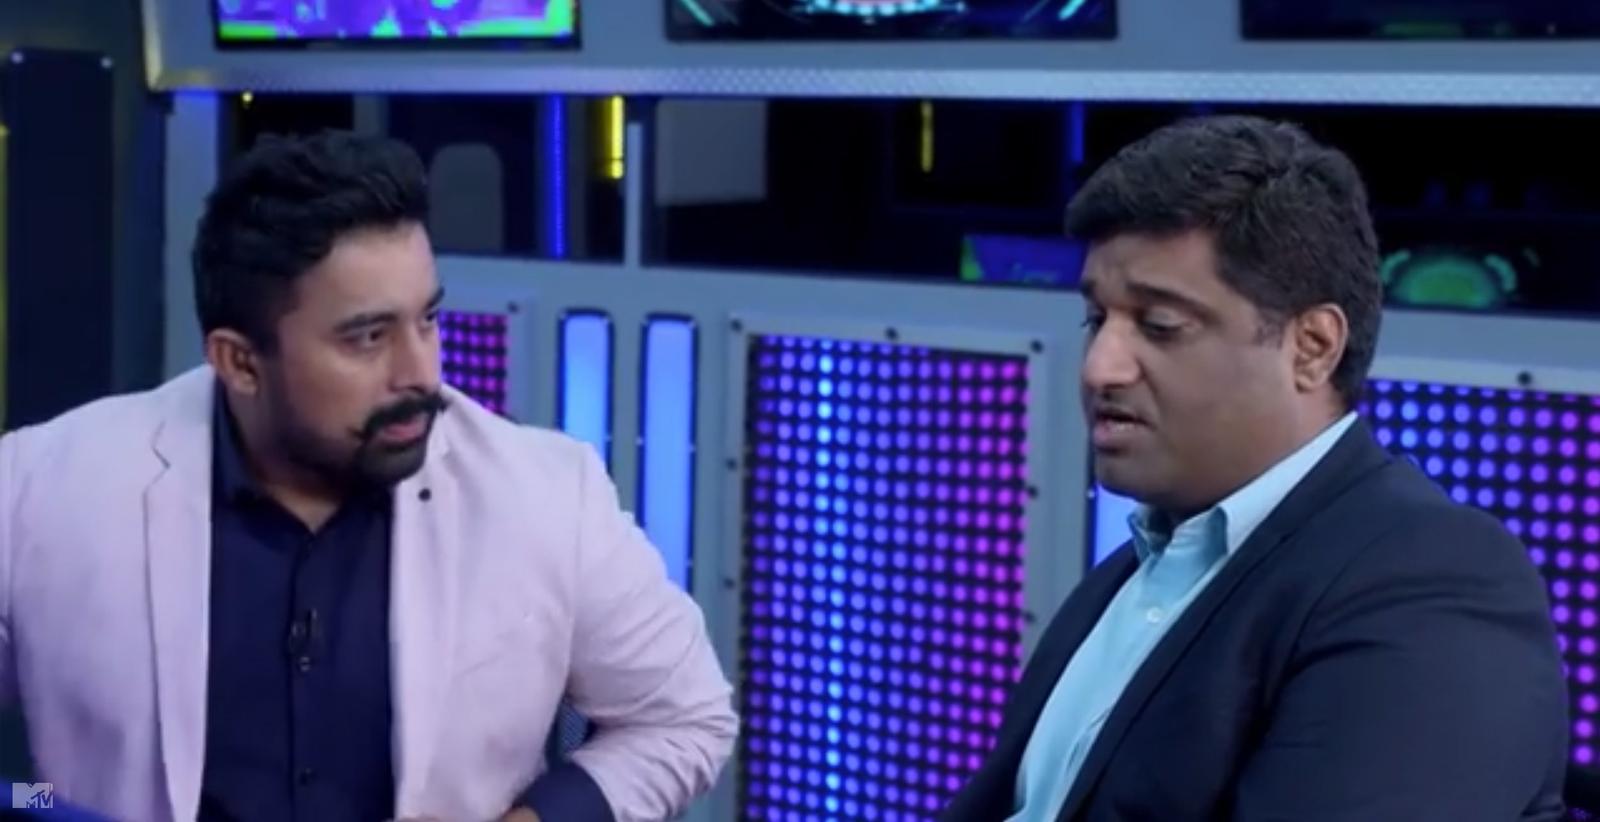 Ritesh Bhatia, Mumbai - Cybercrime investigations Expert & Cyber